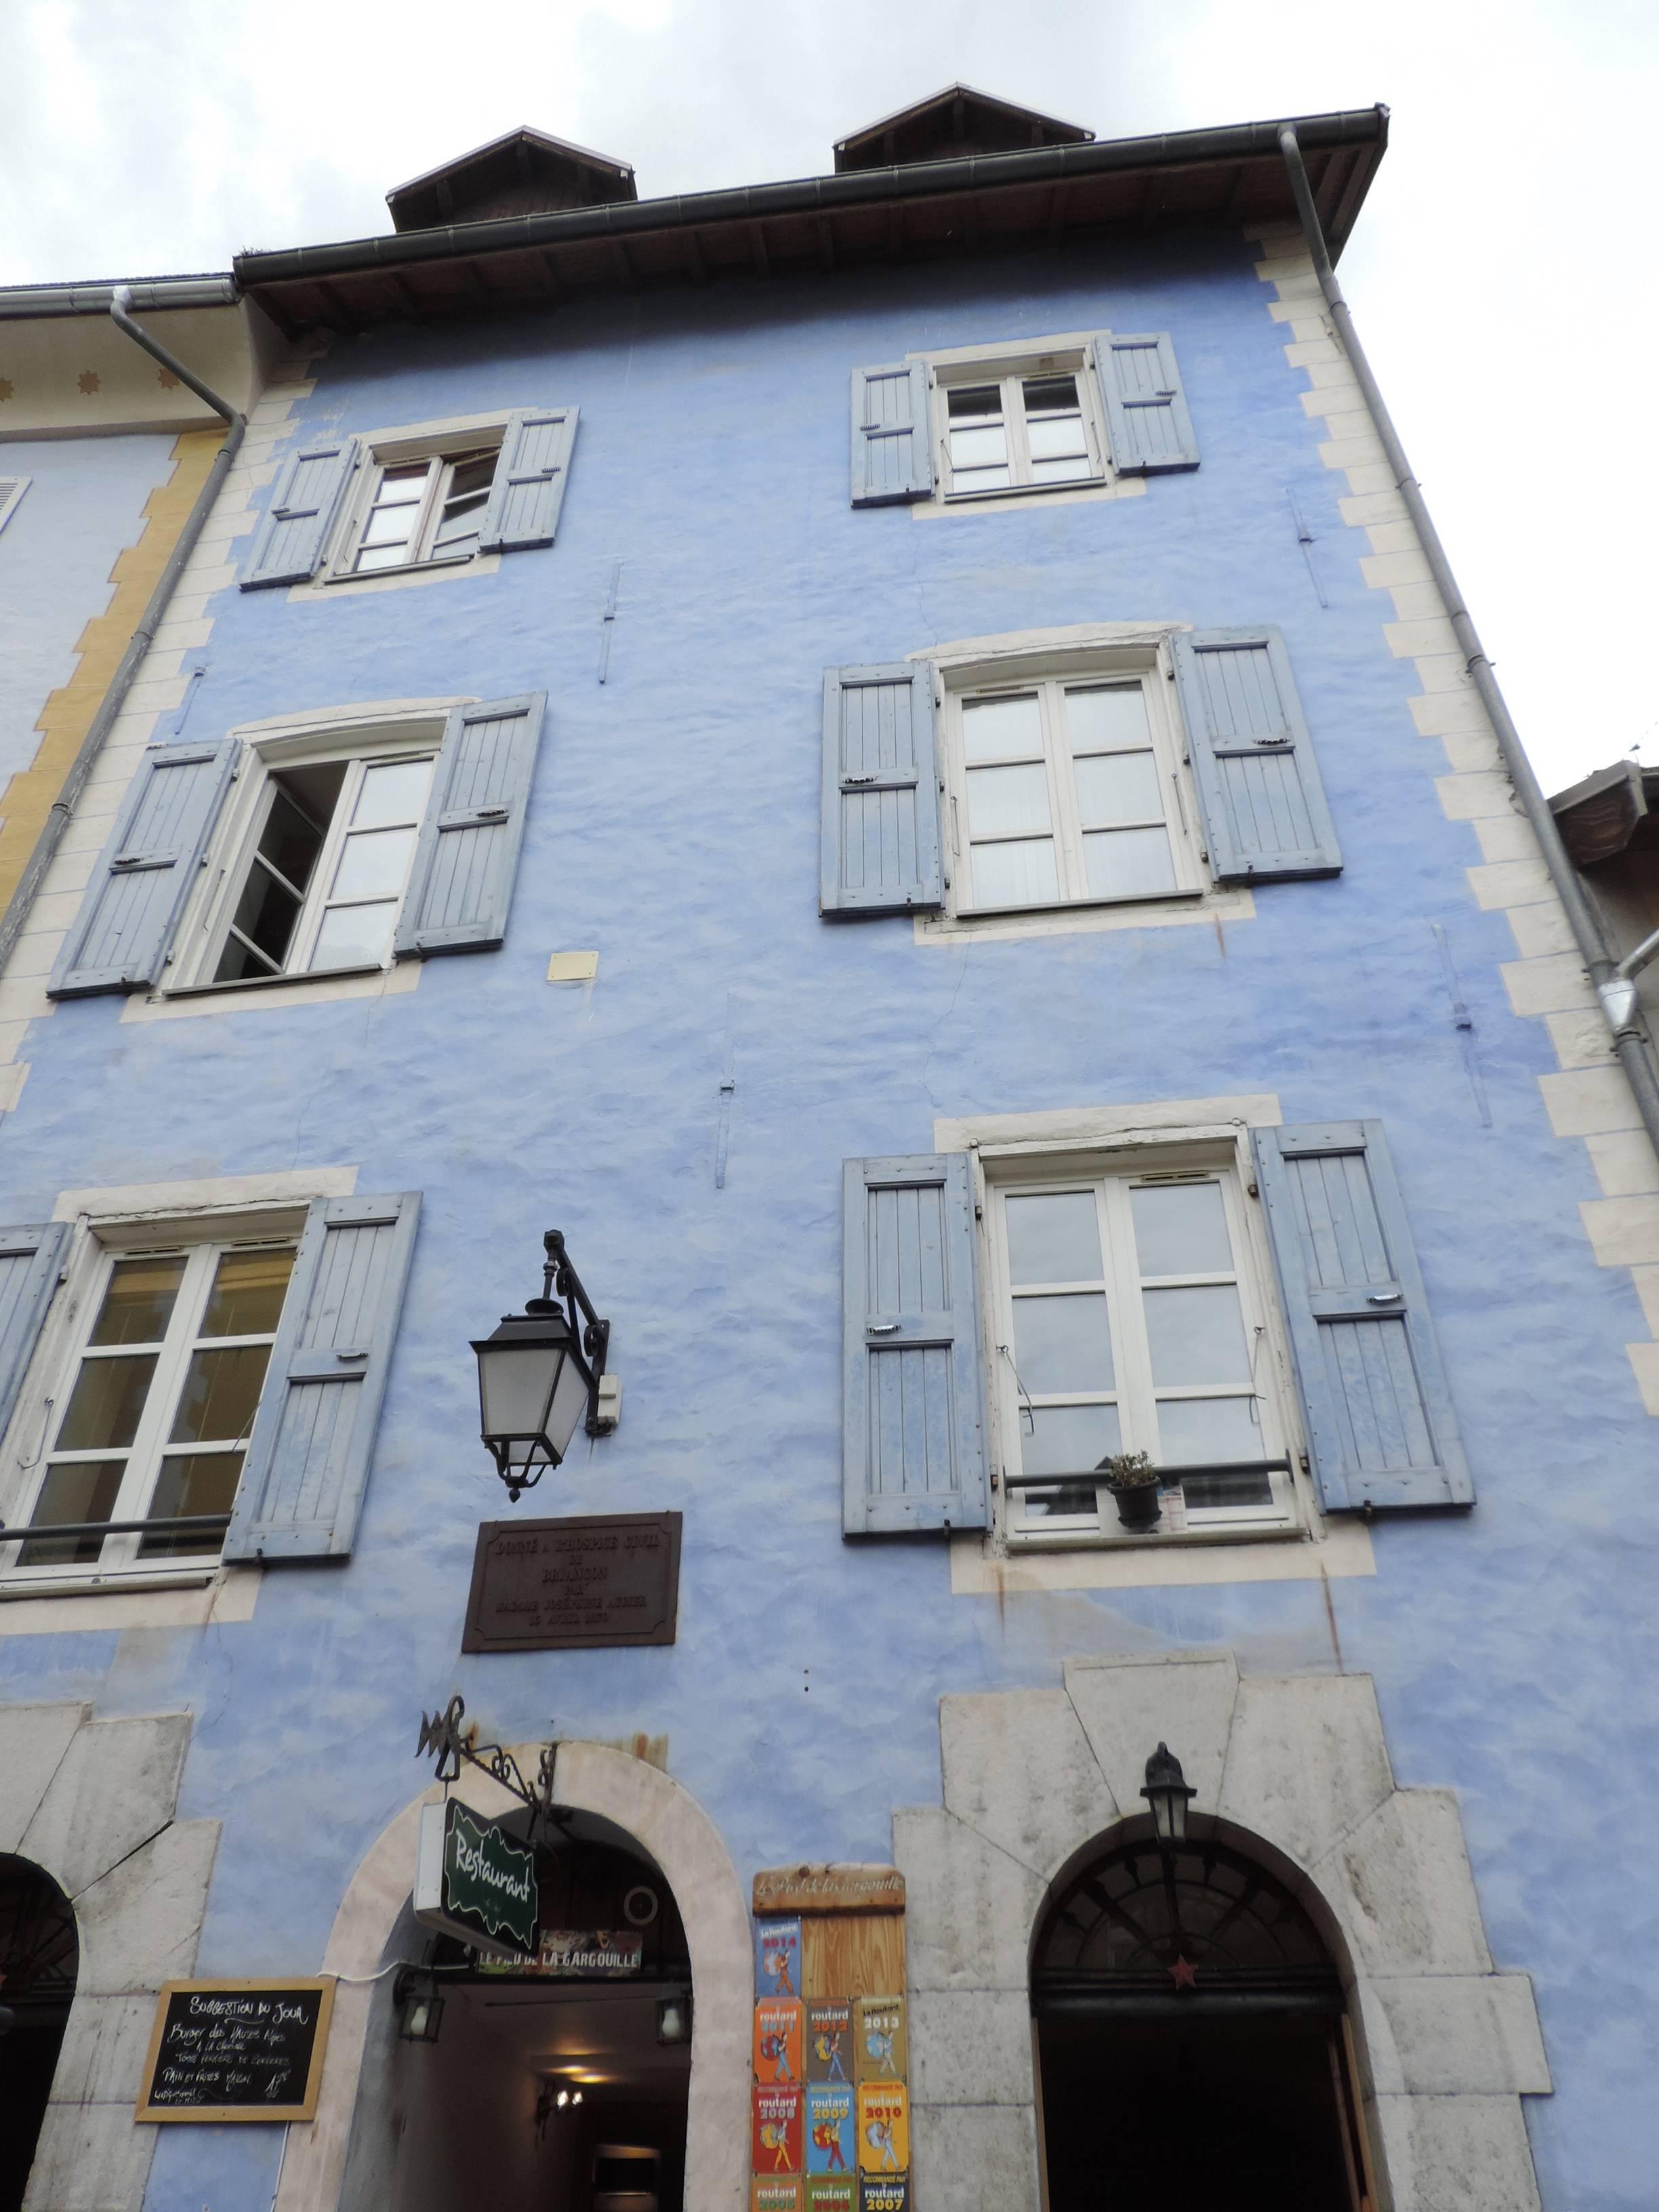 Photo 2: Le resto de ouf à Briançon (frais frais archi frais trop bon)